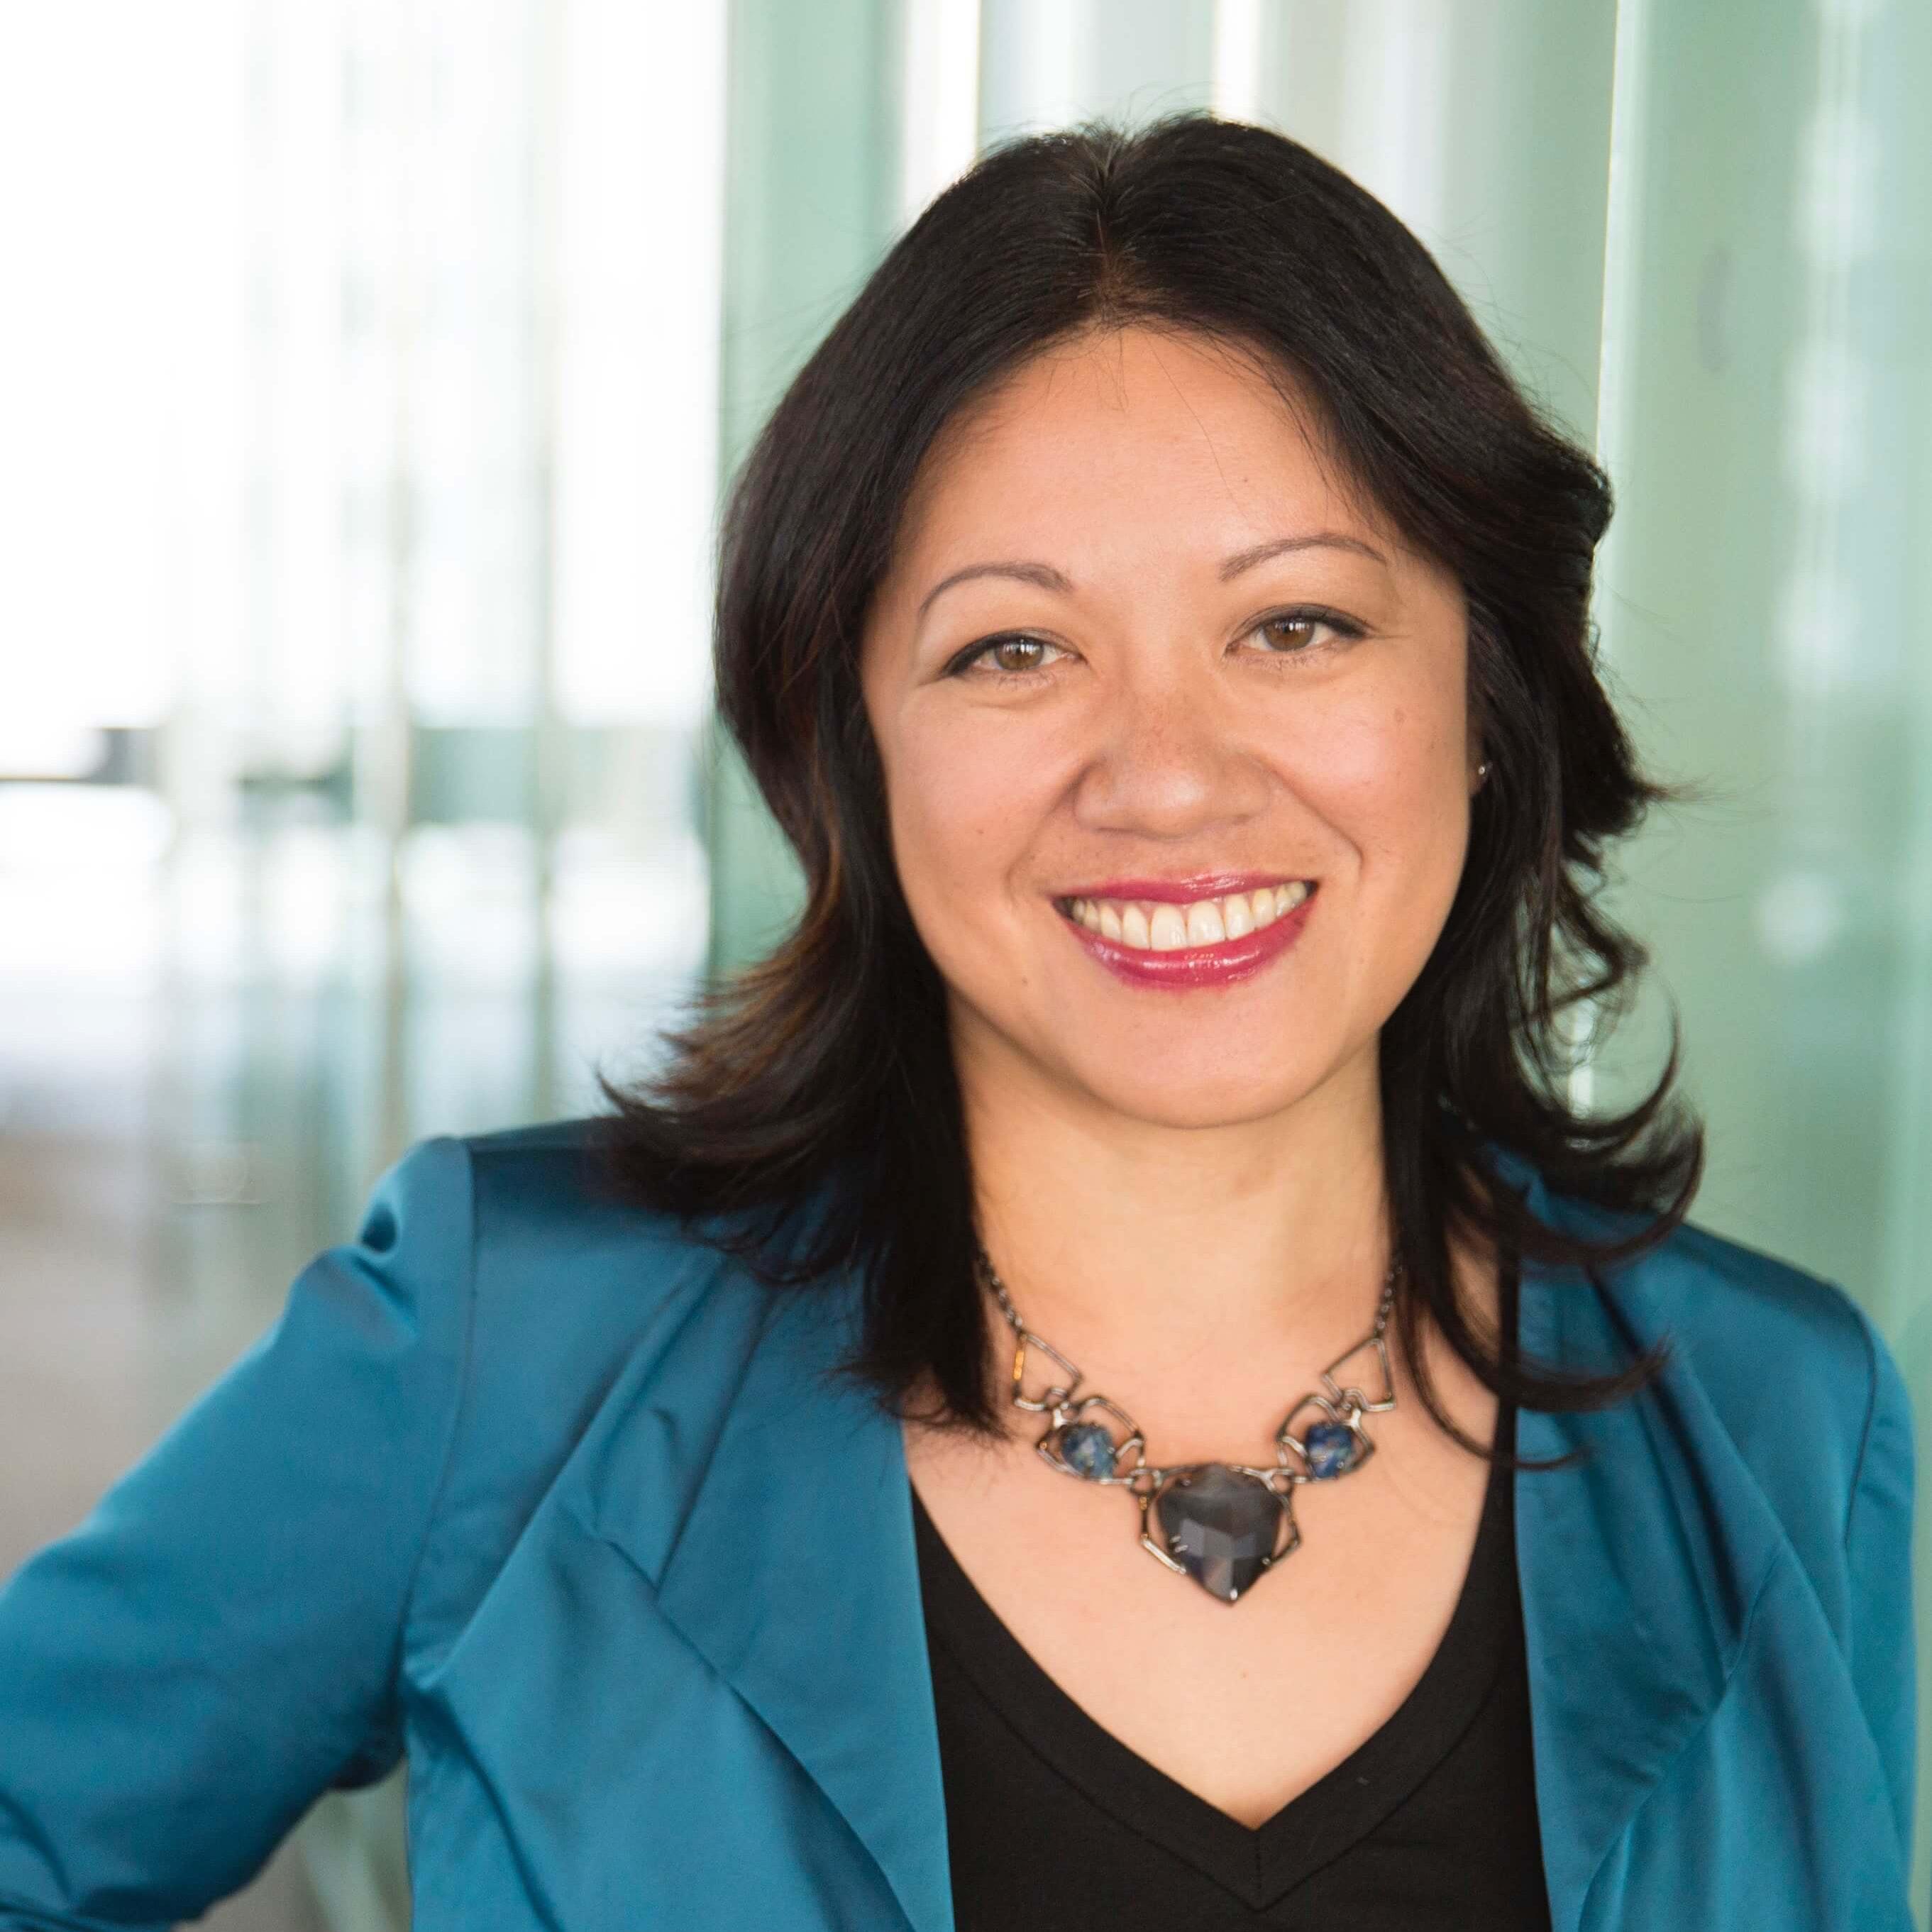 Charlene Li 100 Coaches